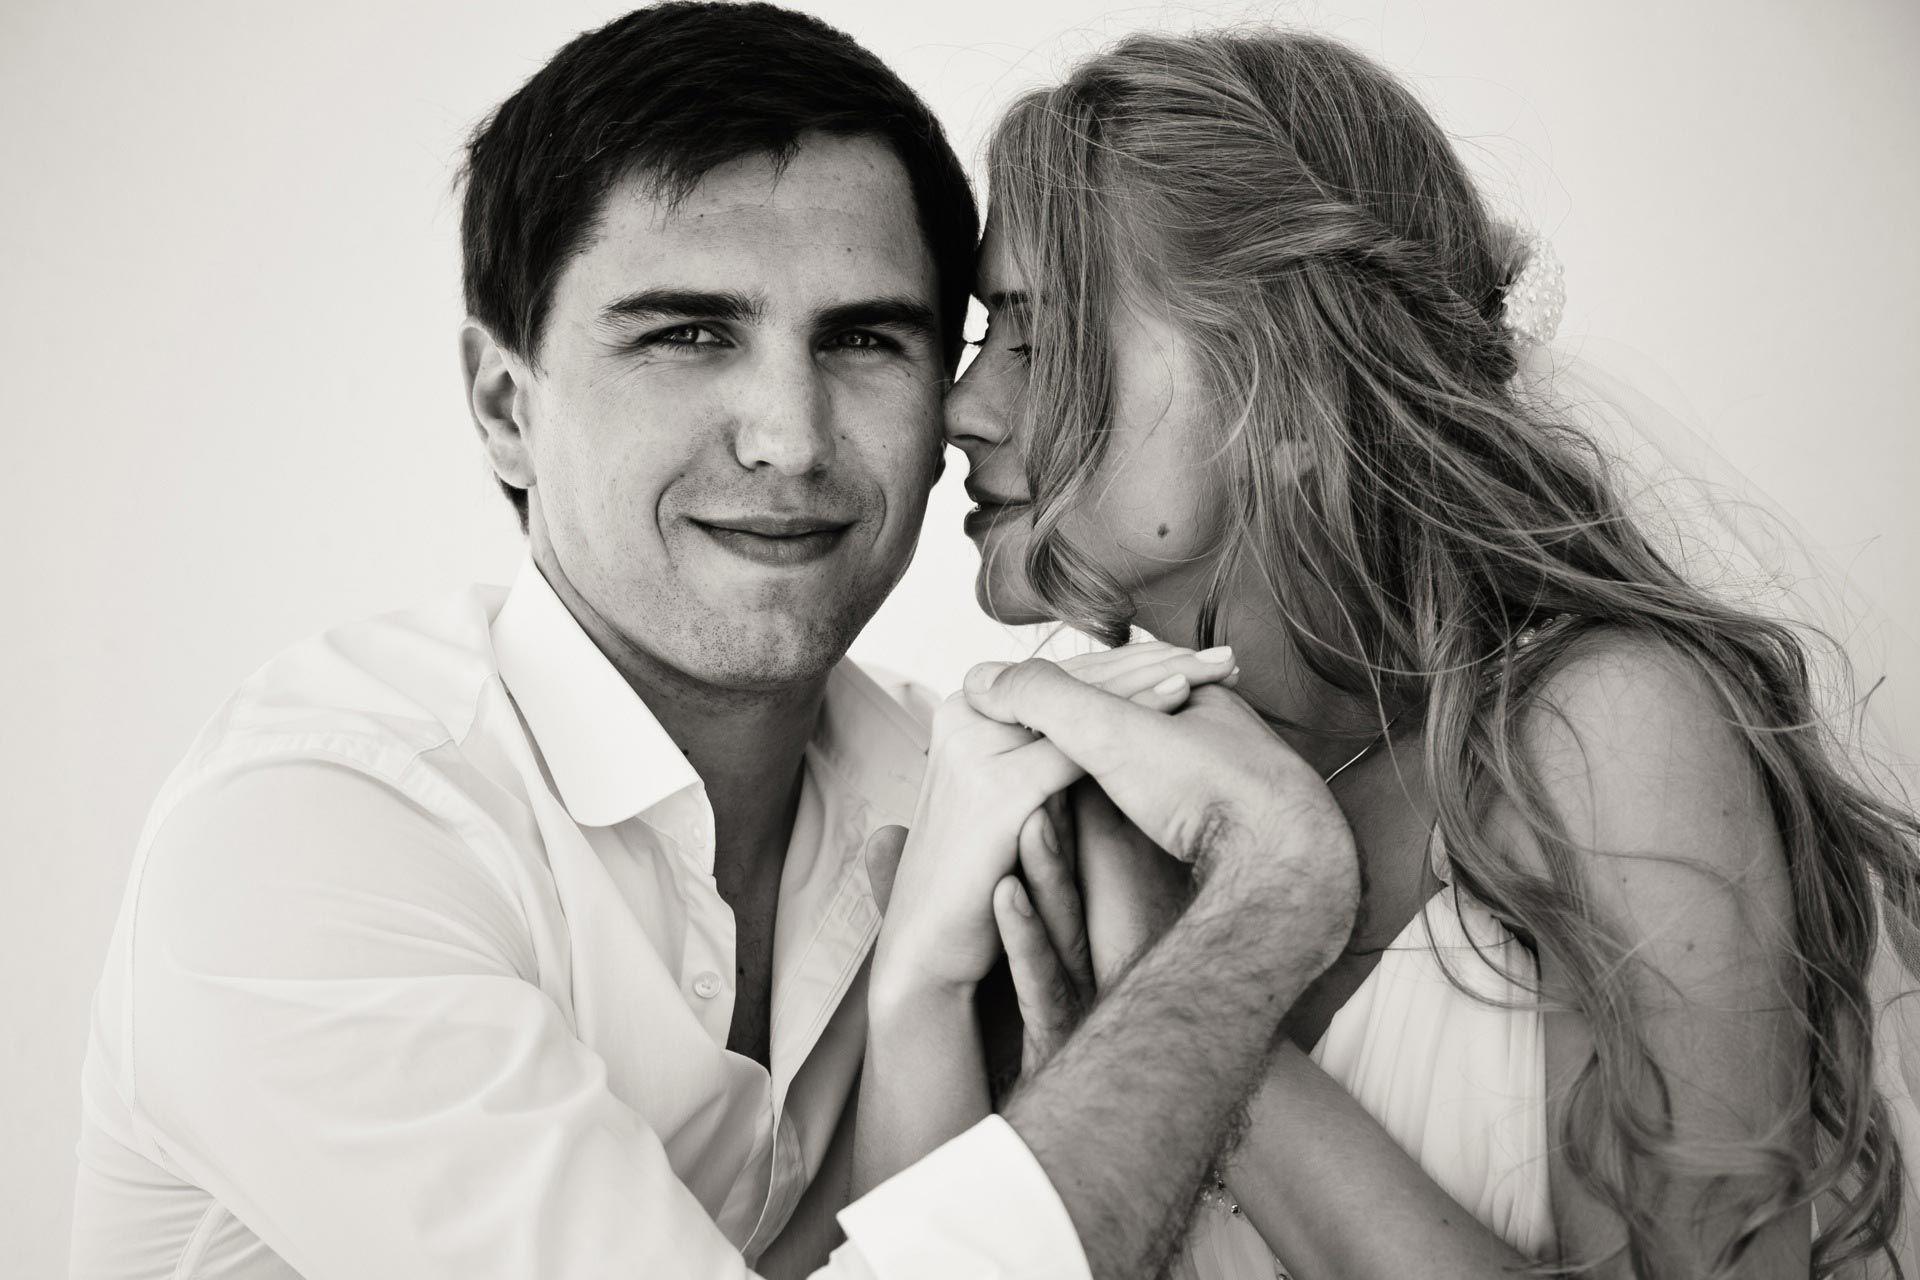 Дмитрий Марков: фотографии, в которых живет любовь